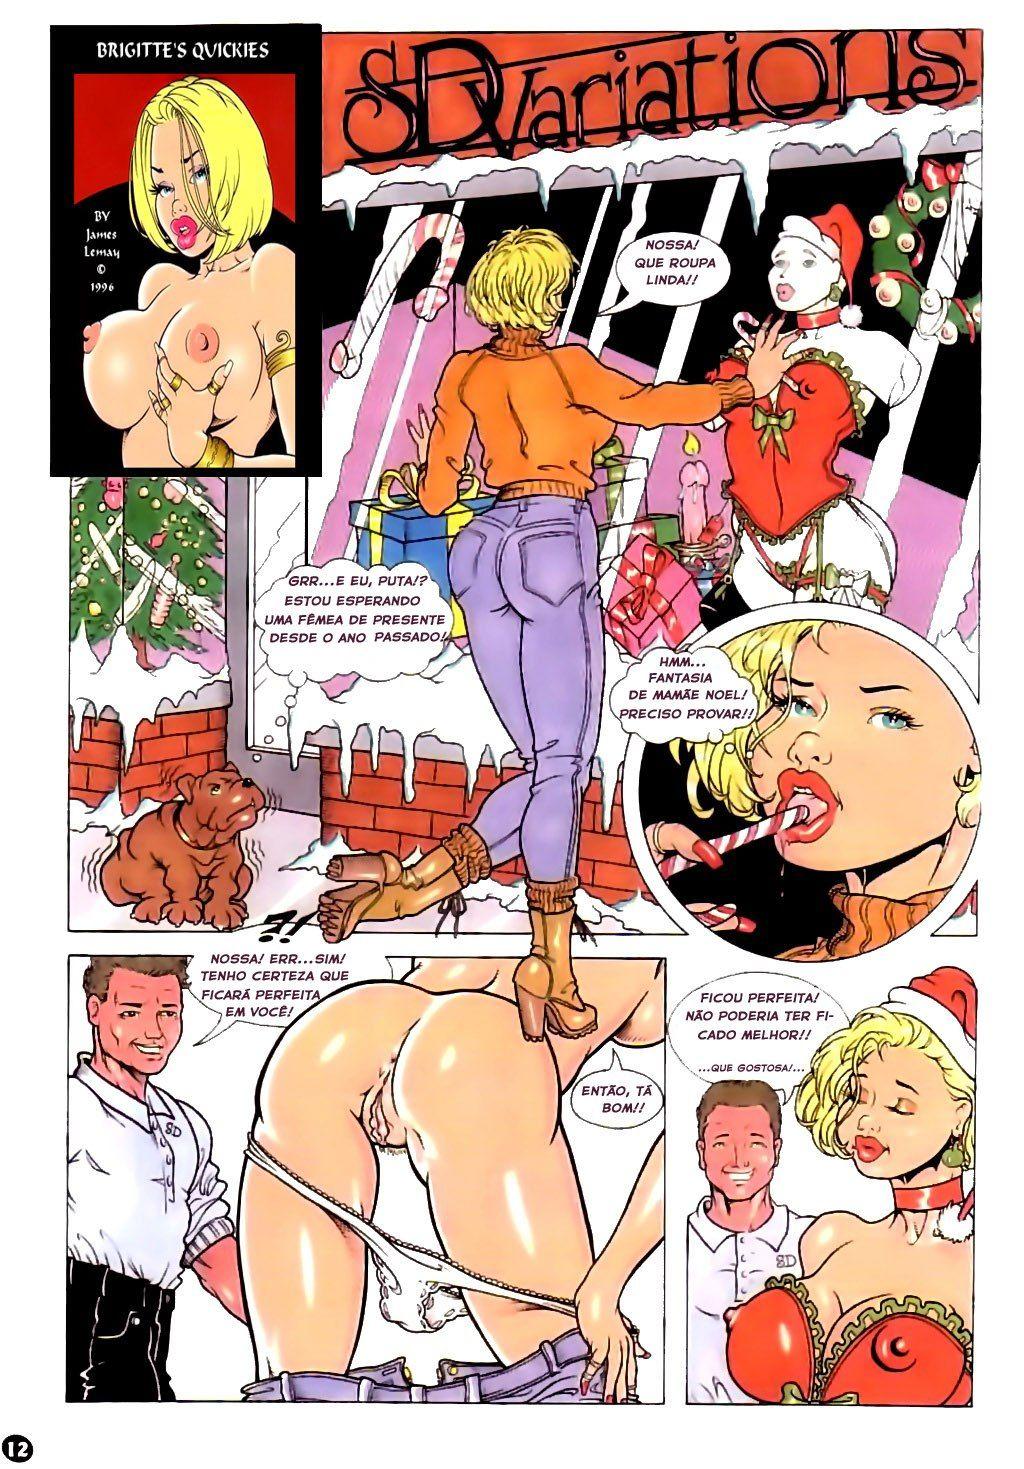 quadrinho-erotico-brigitte-quickies-11